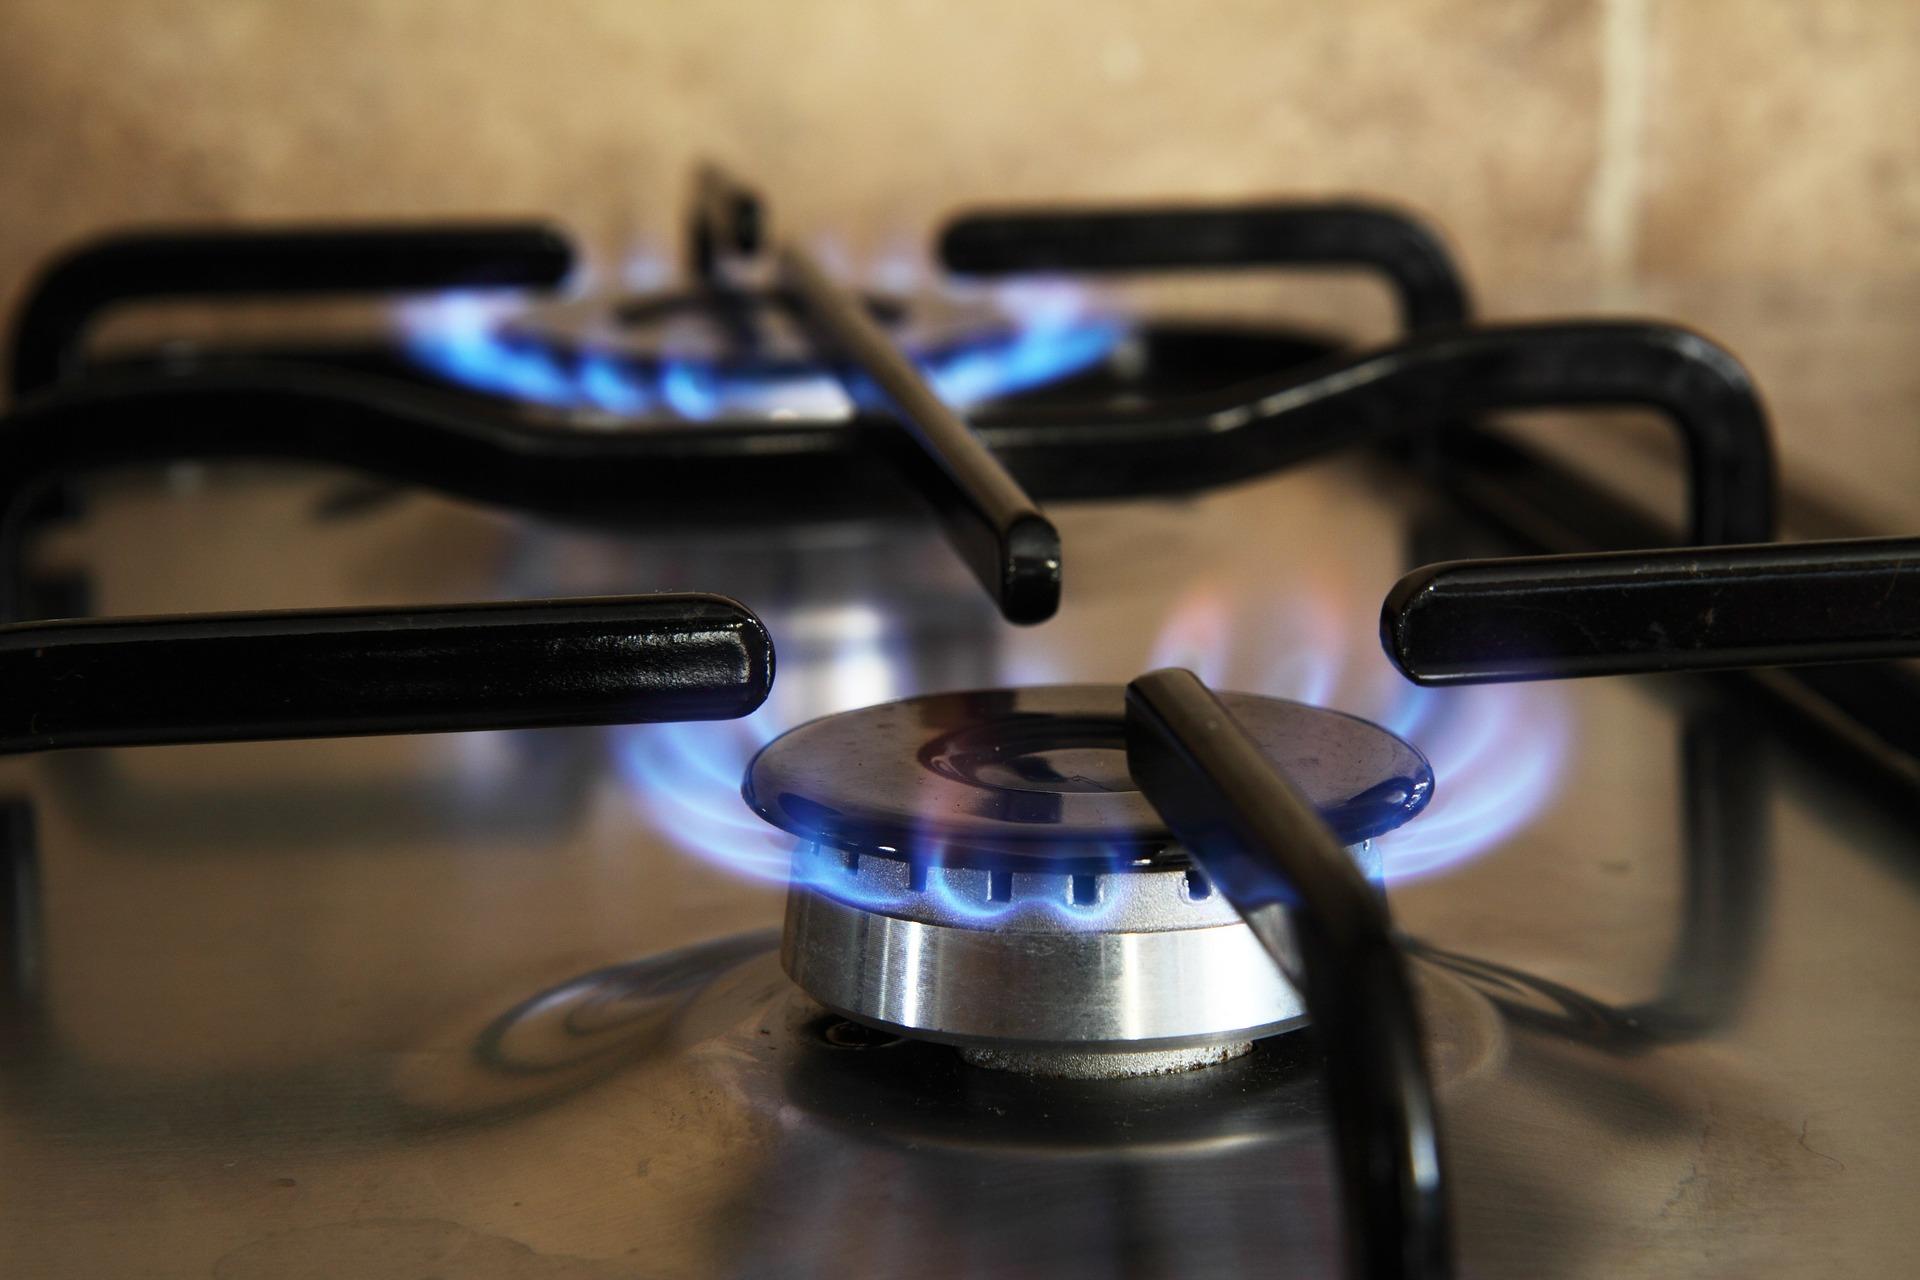 I znowu kolejne podwyżki! Rachunki za gaz idą w górę - Zdjęcie główne